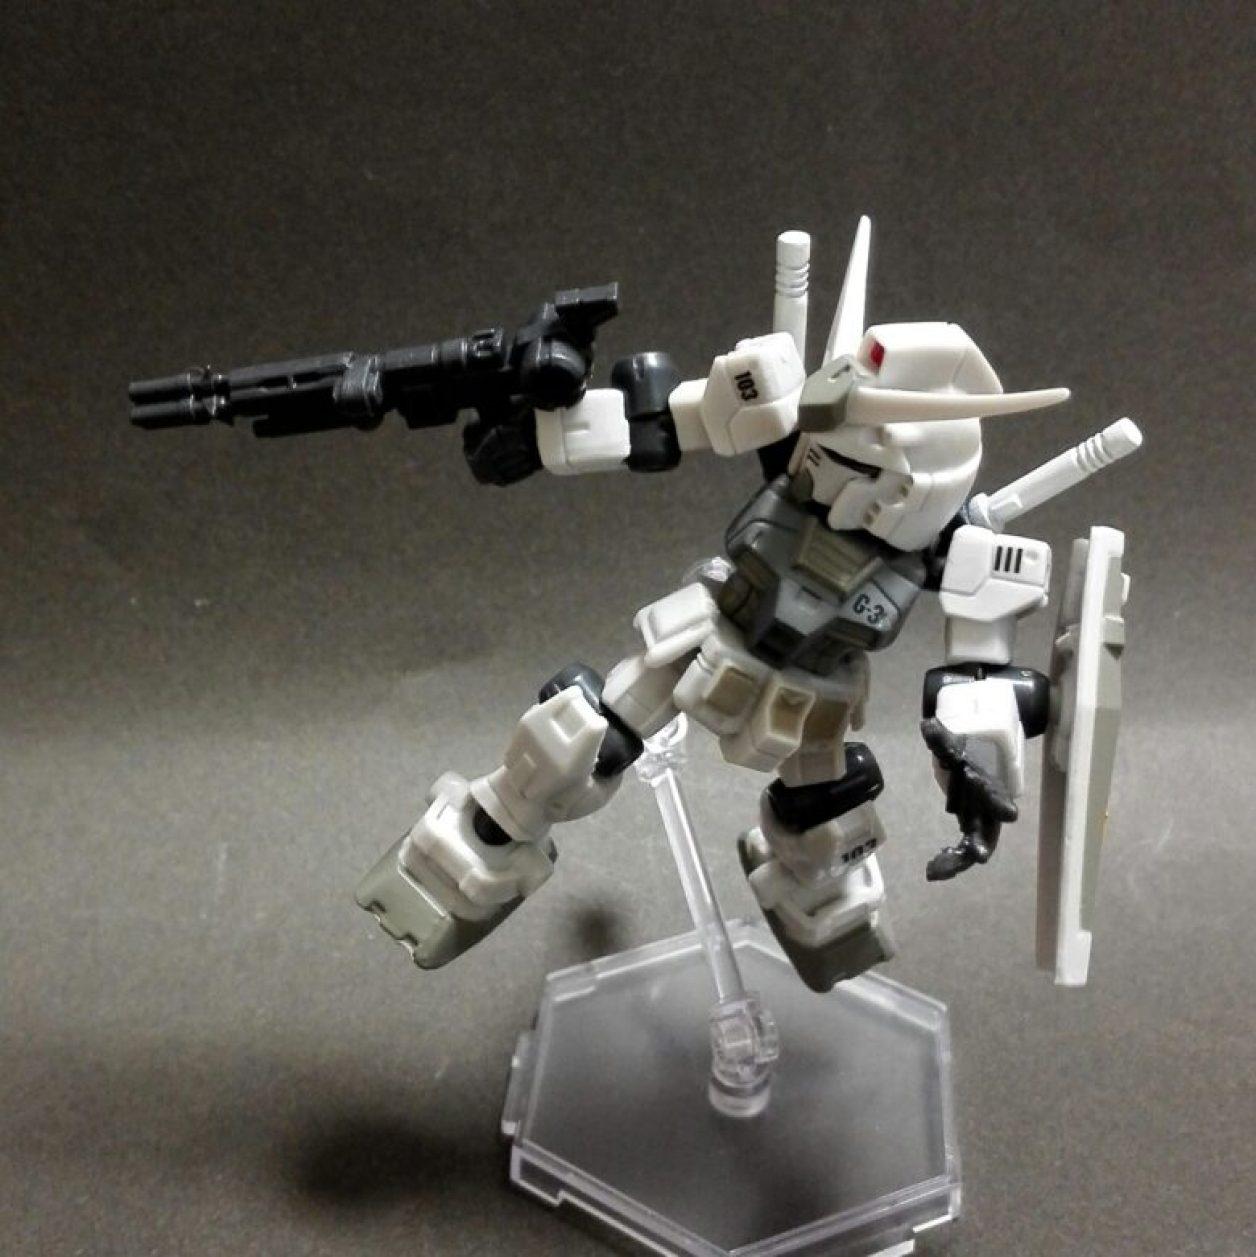 MOBILE SUIT ENSEMBLE(モビルスーツアンサンブル)1.5弾のガンダム(G3)と武器セットのビーム・ガトリング×2の組み合わせの画像